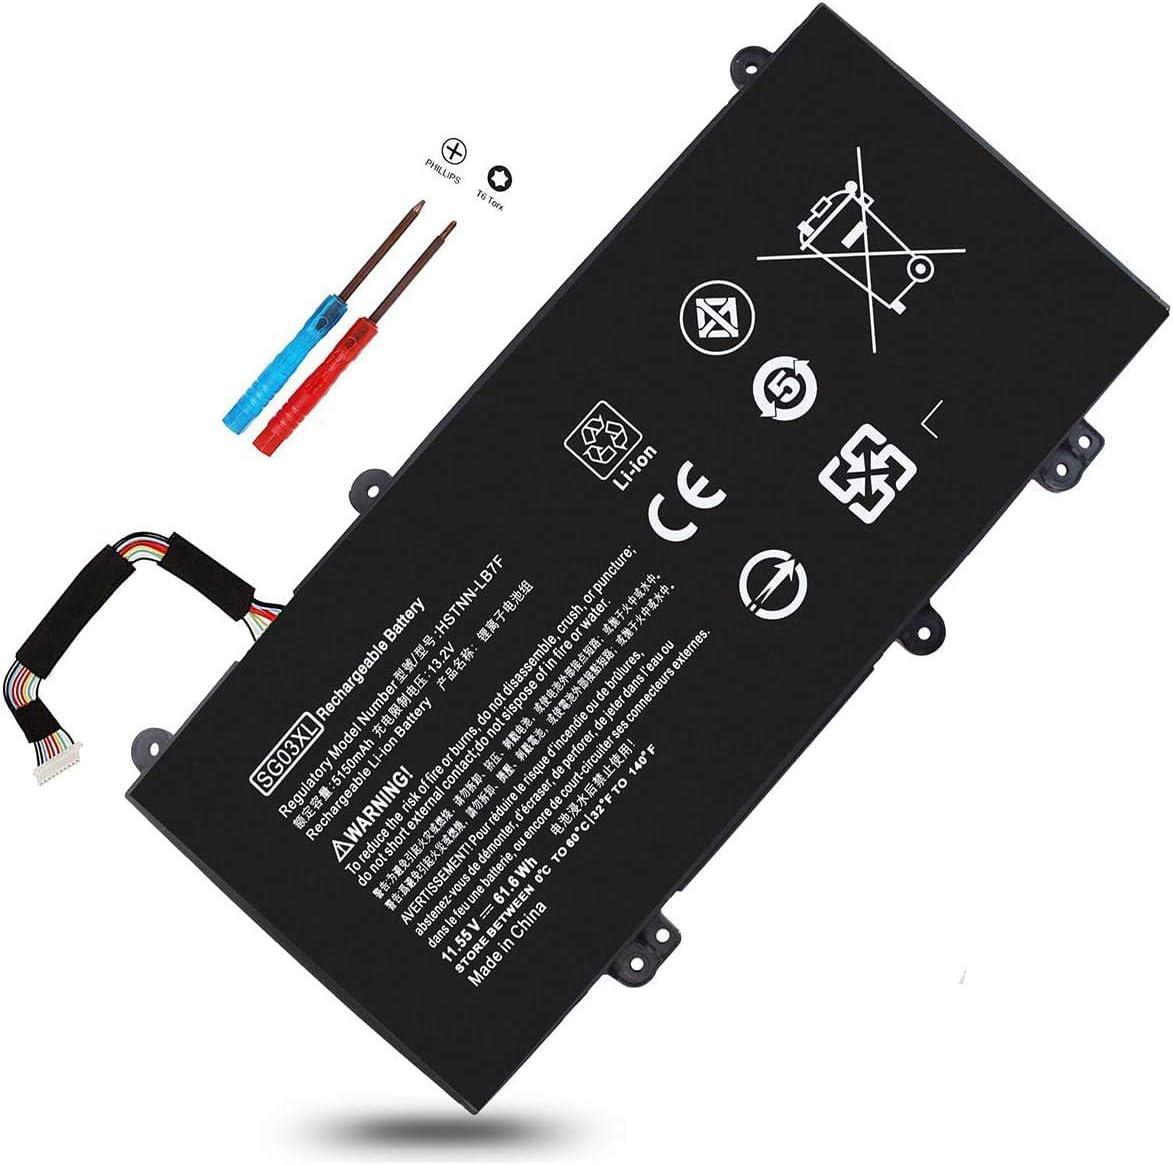 SG03XL 849048-421 11.55V 61.6Wh Battery for HP ENVY M7-U109DX M7-U009DX 17T-U100 17-U163CL 17-U273CL 17-U175NR,849314-850 849314-856 849315-850 HSTNN-LB7E,17-U177CL 17-U011NR 17-U110NR,M7-U 17-U 17T-U